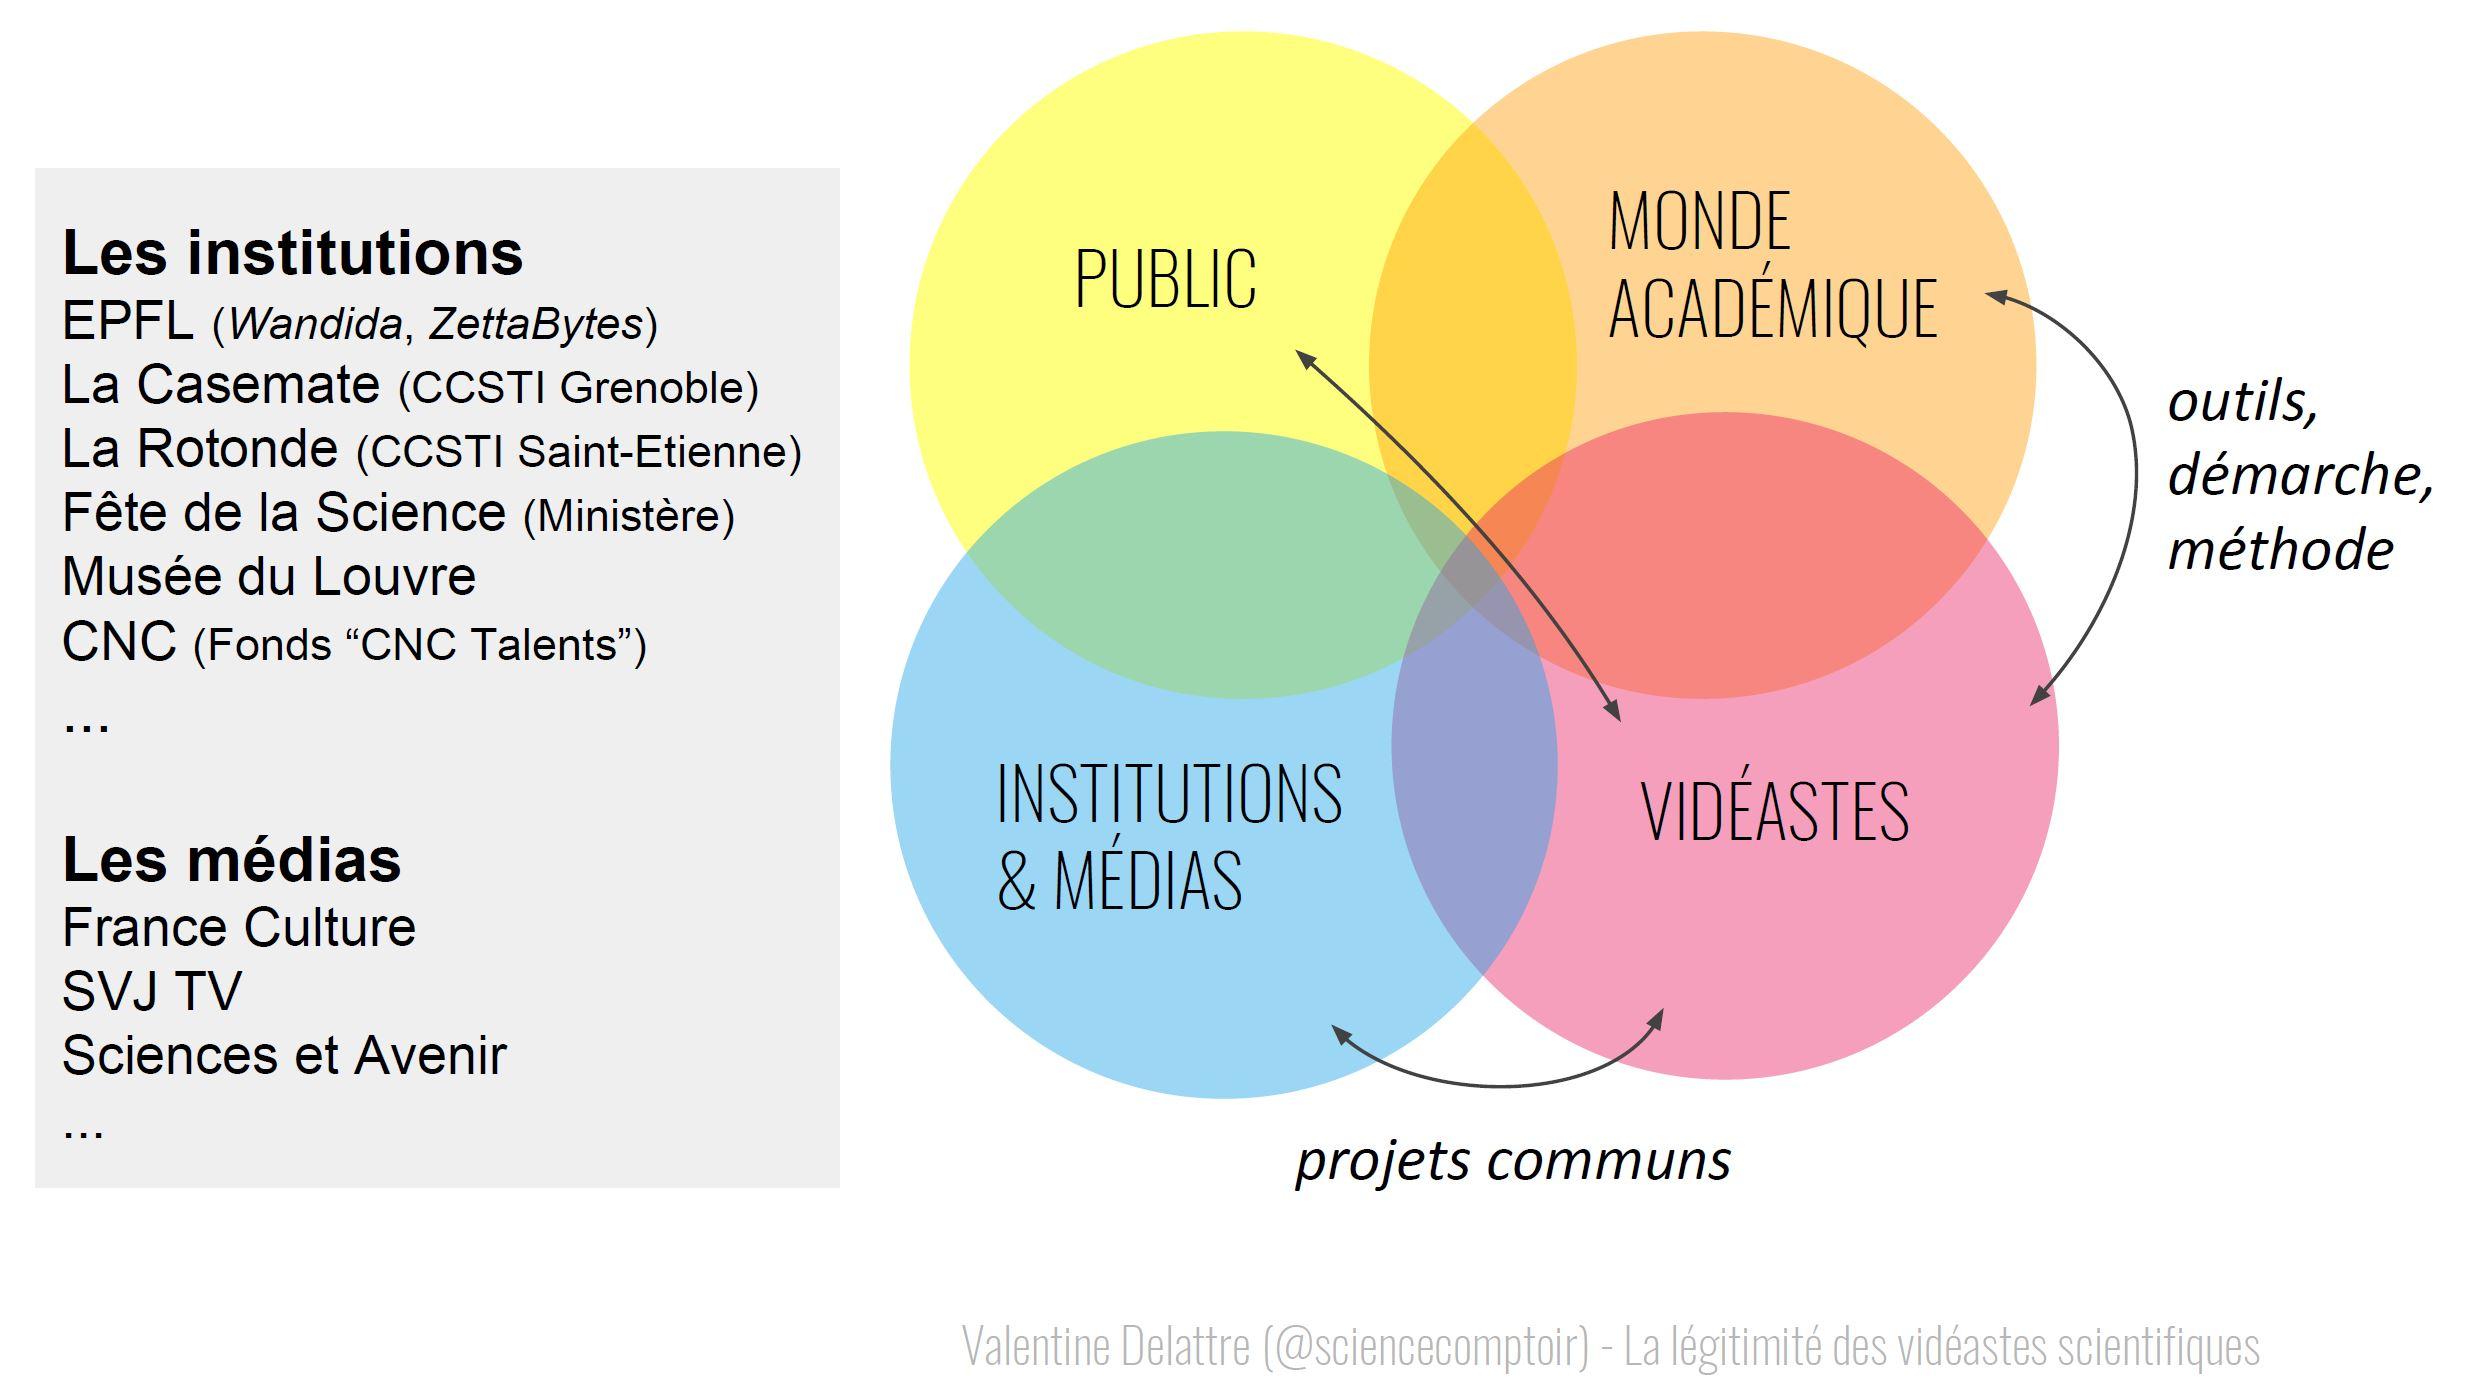 La légitimité des vidéastes scientifiques face au grand public, aux chercheurs, aux institutions et aux médias.